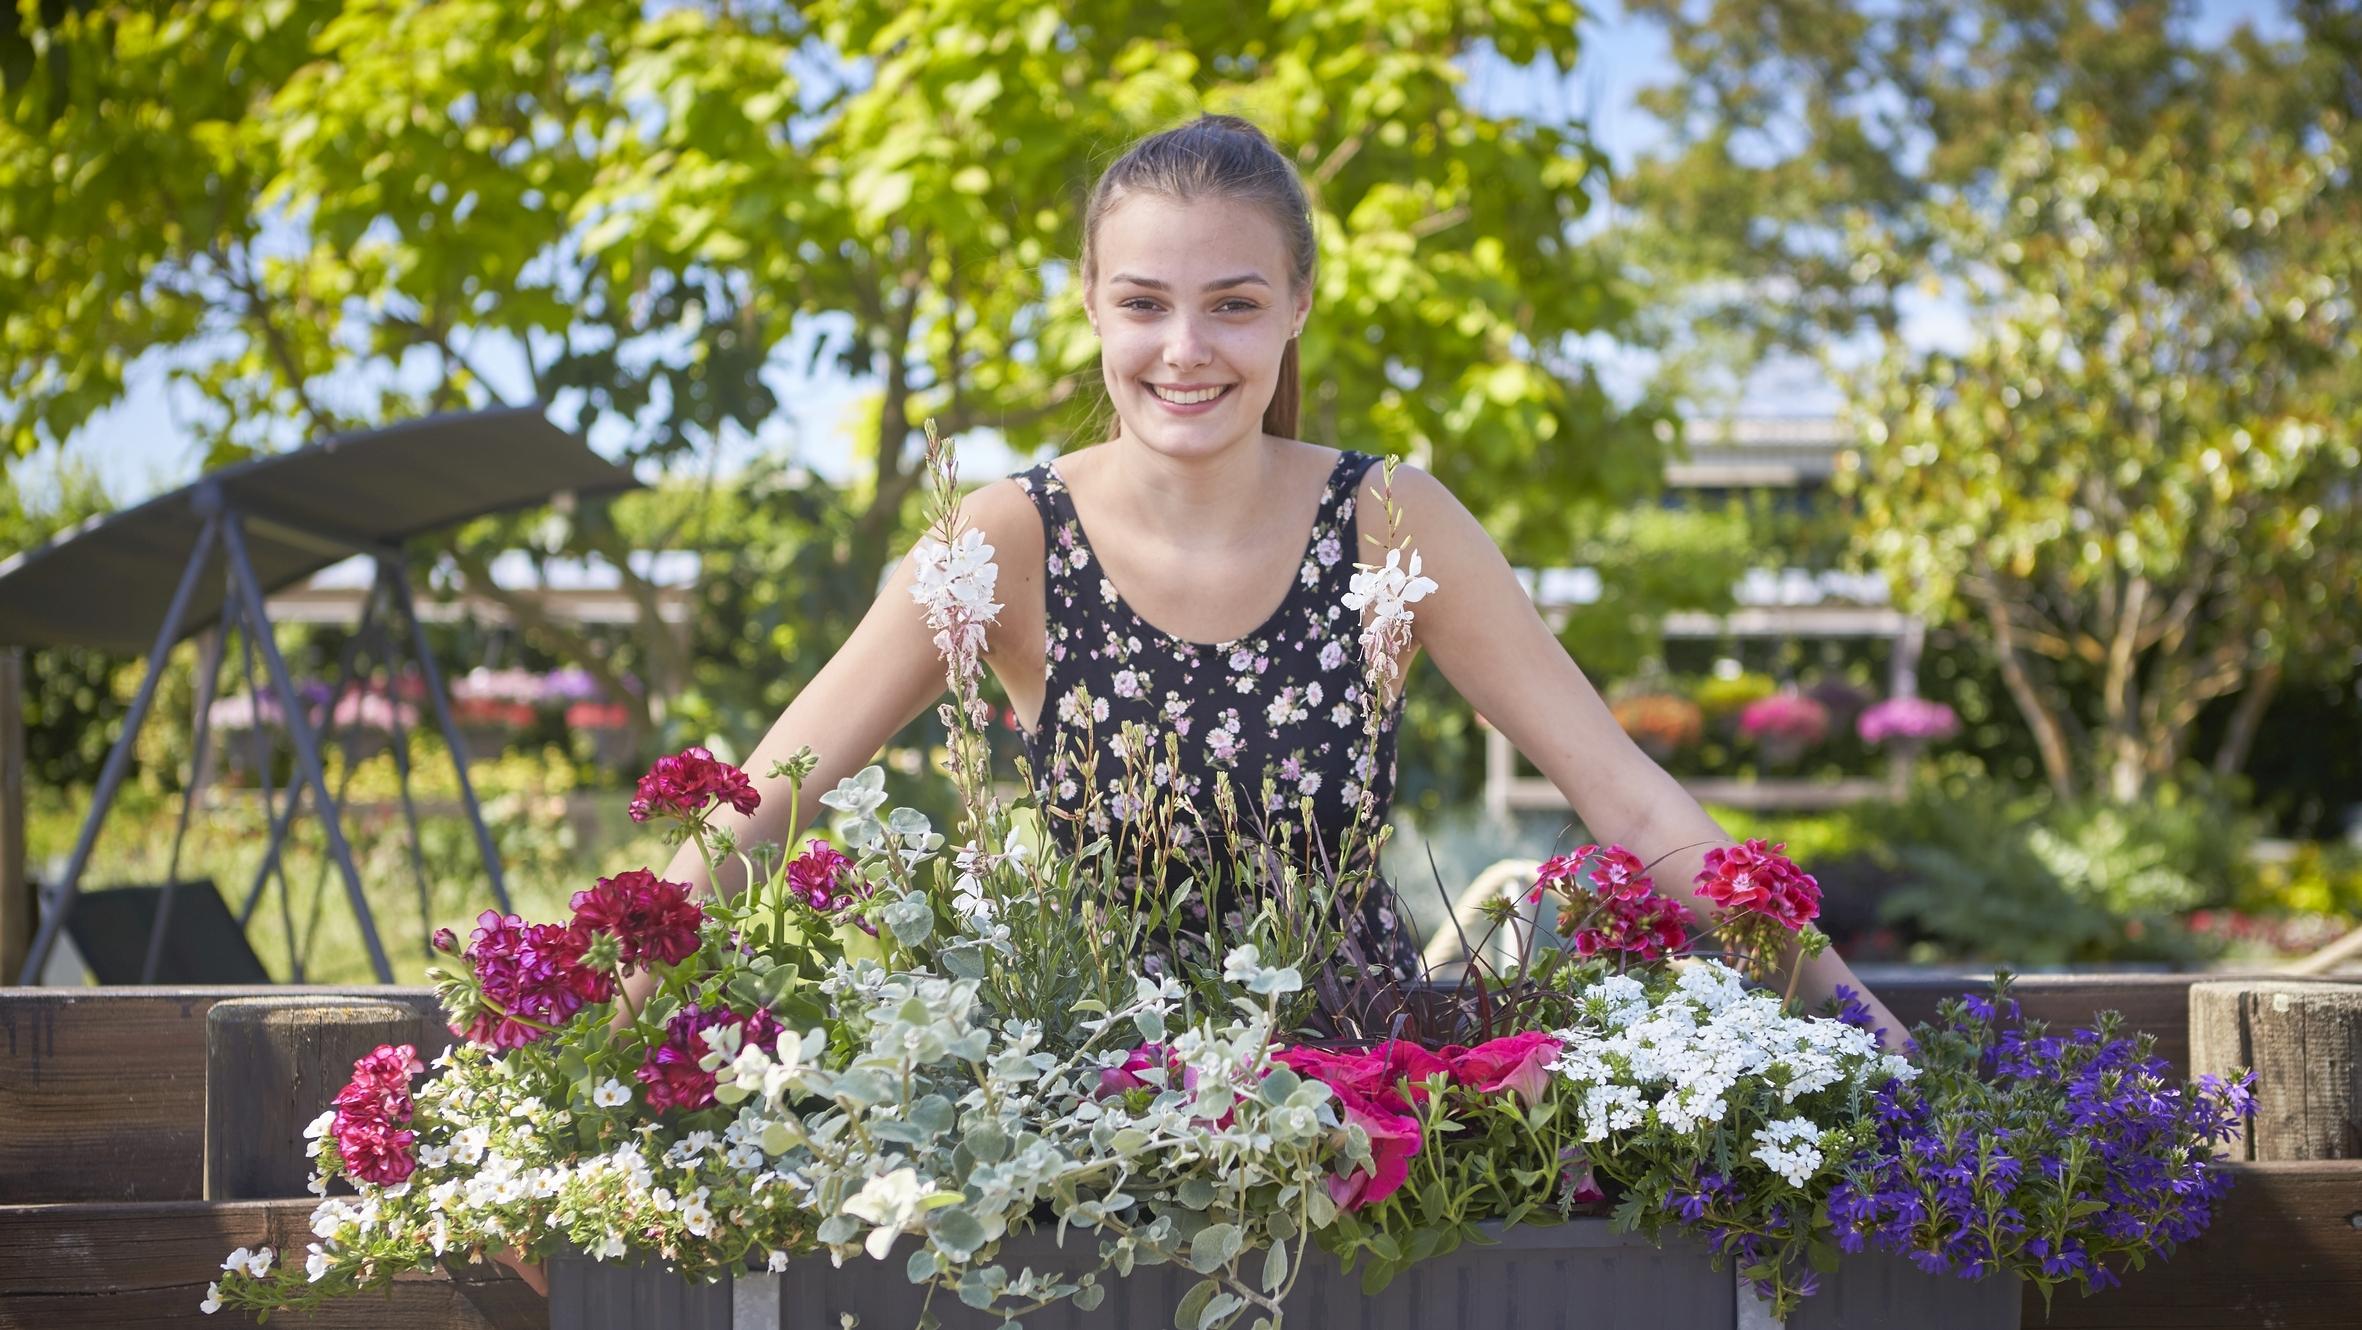 Sonne, Sehnsucht und Blütenträume: Jetzt schon den Sommer planen